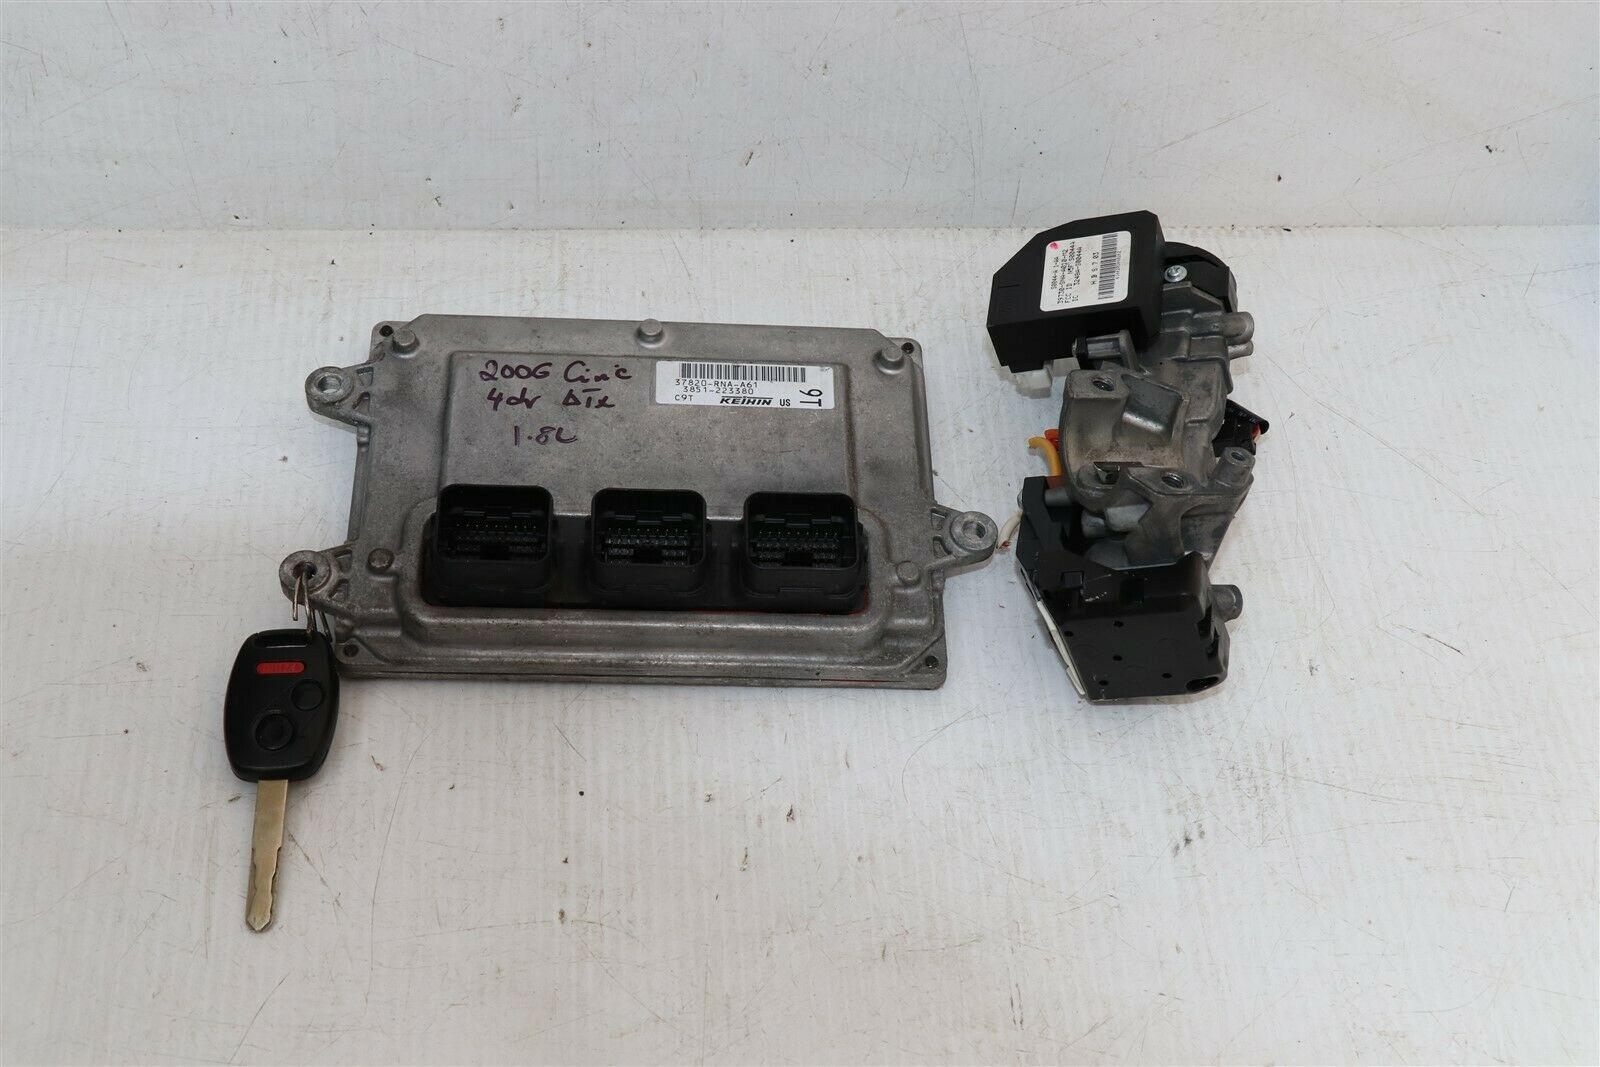 06-08 Honda Civic 1.8 A/T ECU PCM Engine Computer & Immobilizer 37820-RNA-A61